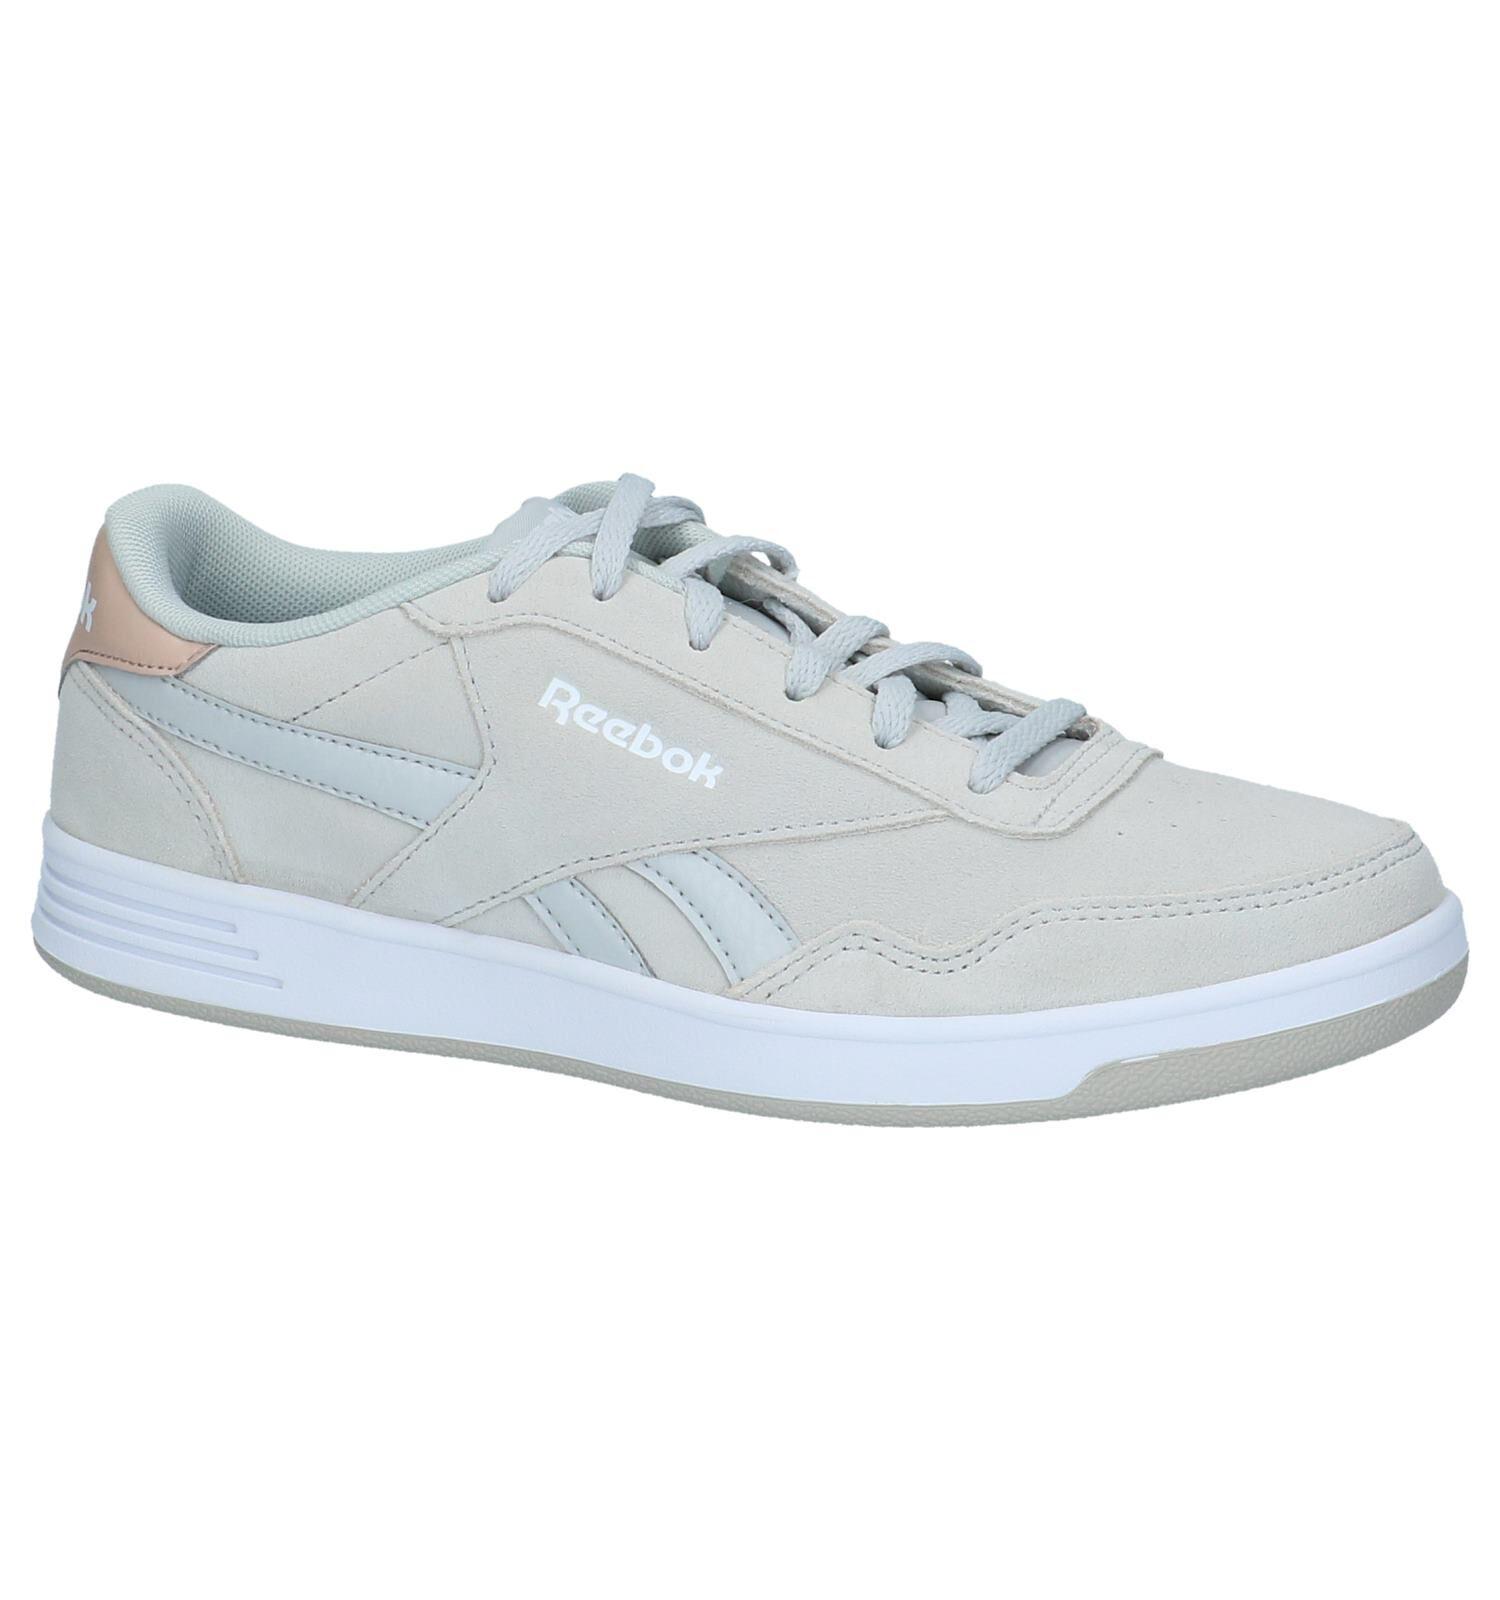 Verkoop Schoenen Mode Van Affiliatie Reebok adqpI8aw